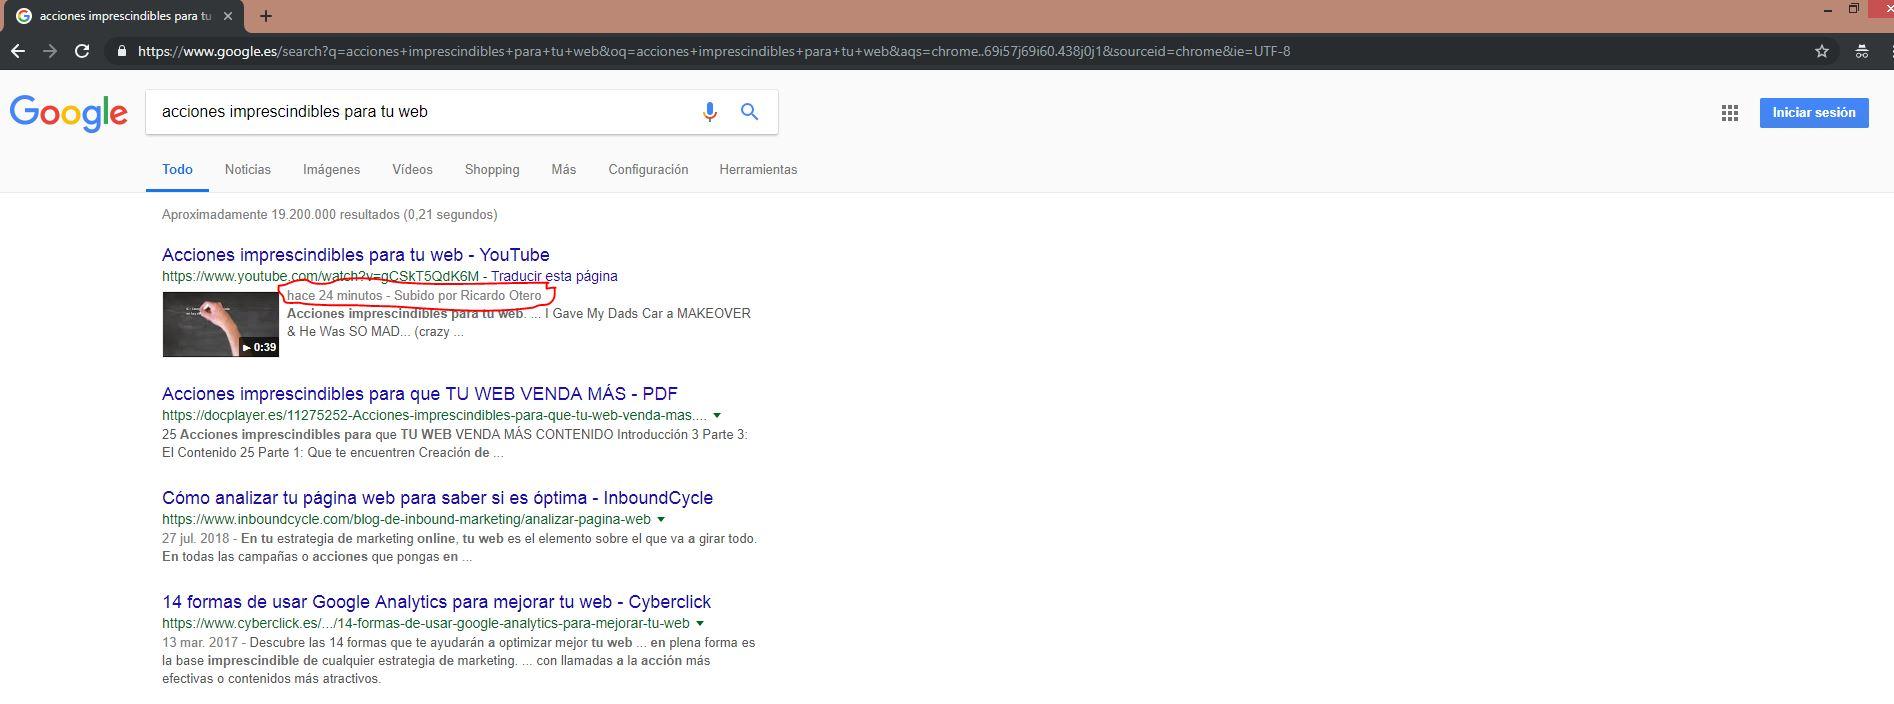 acciones imprescindible para tu web en google